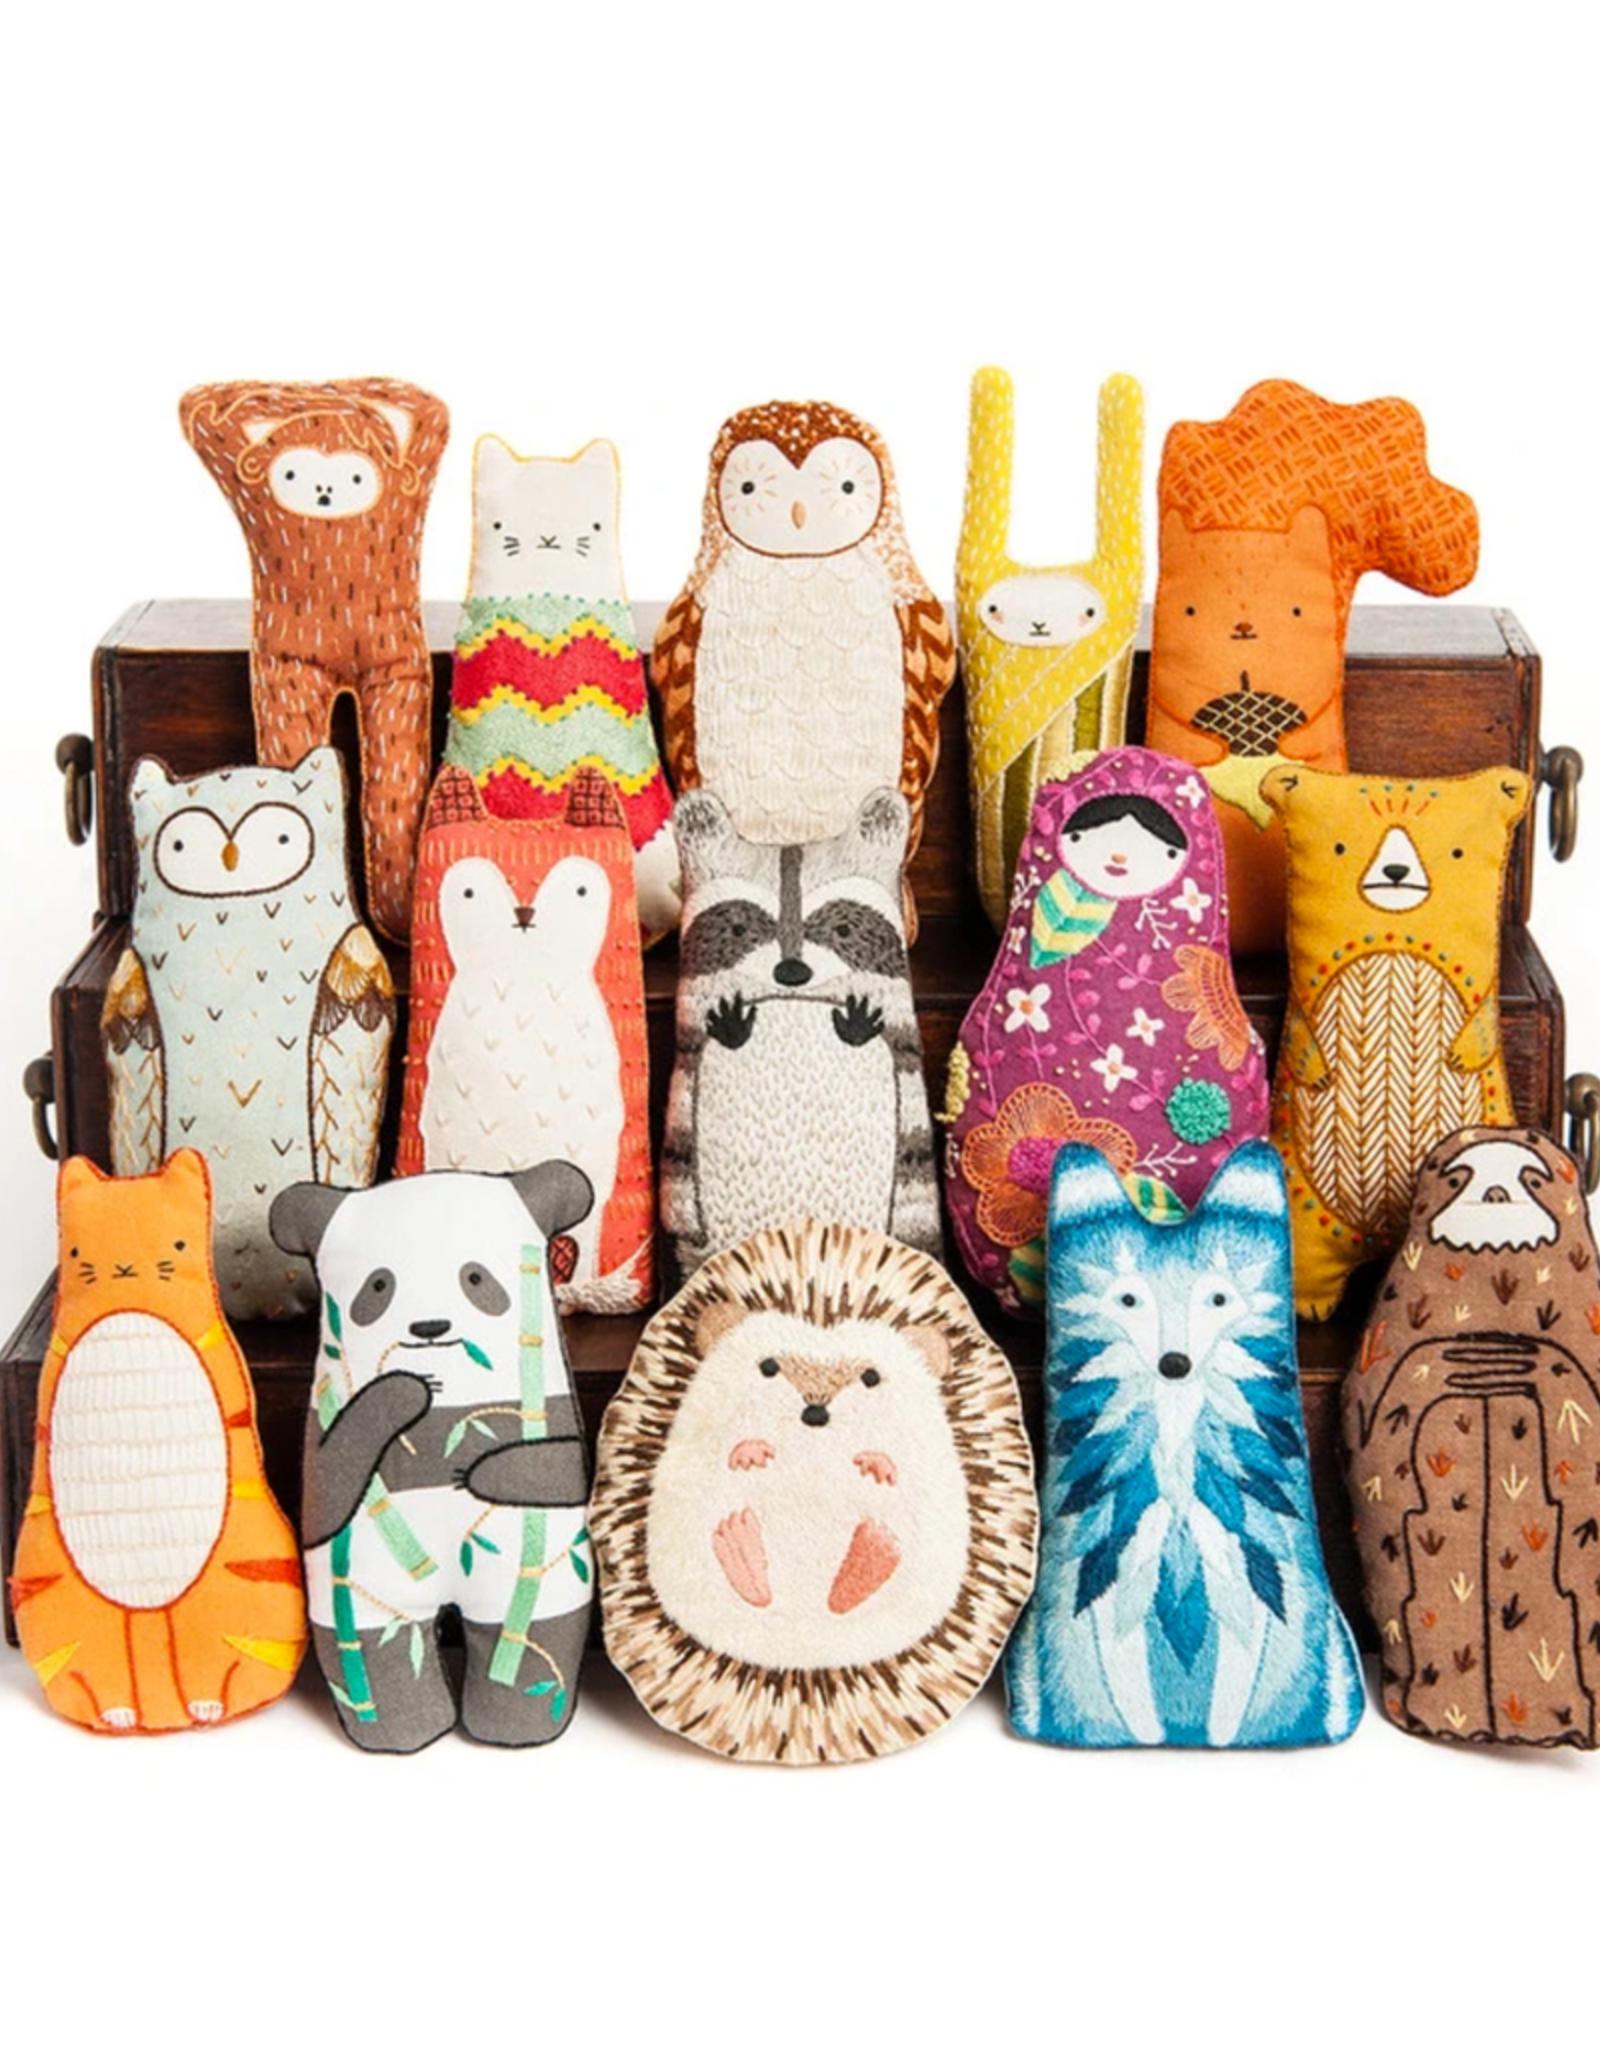 Handmade Embroidery Kit - Badger